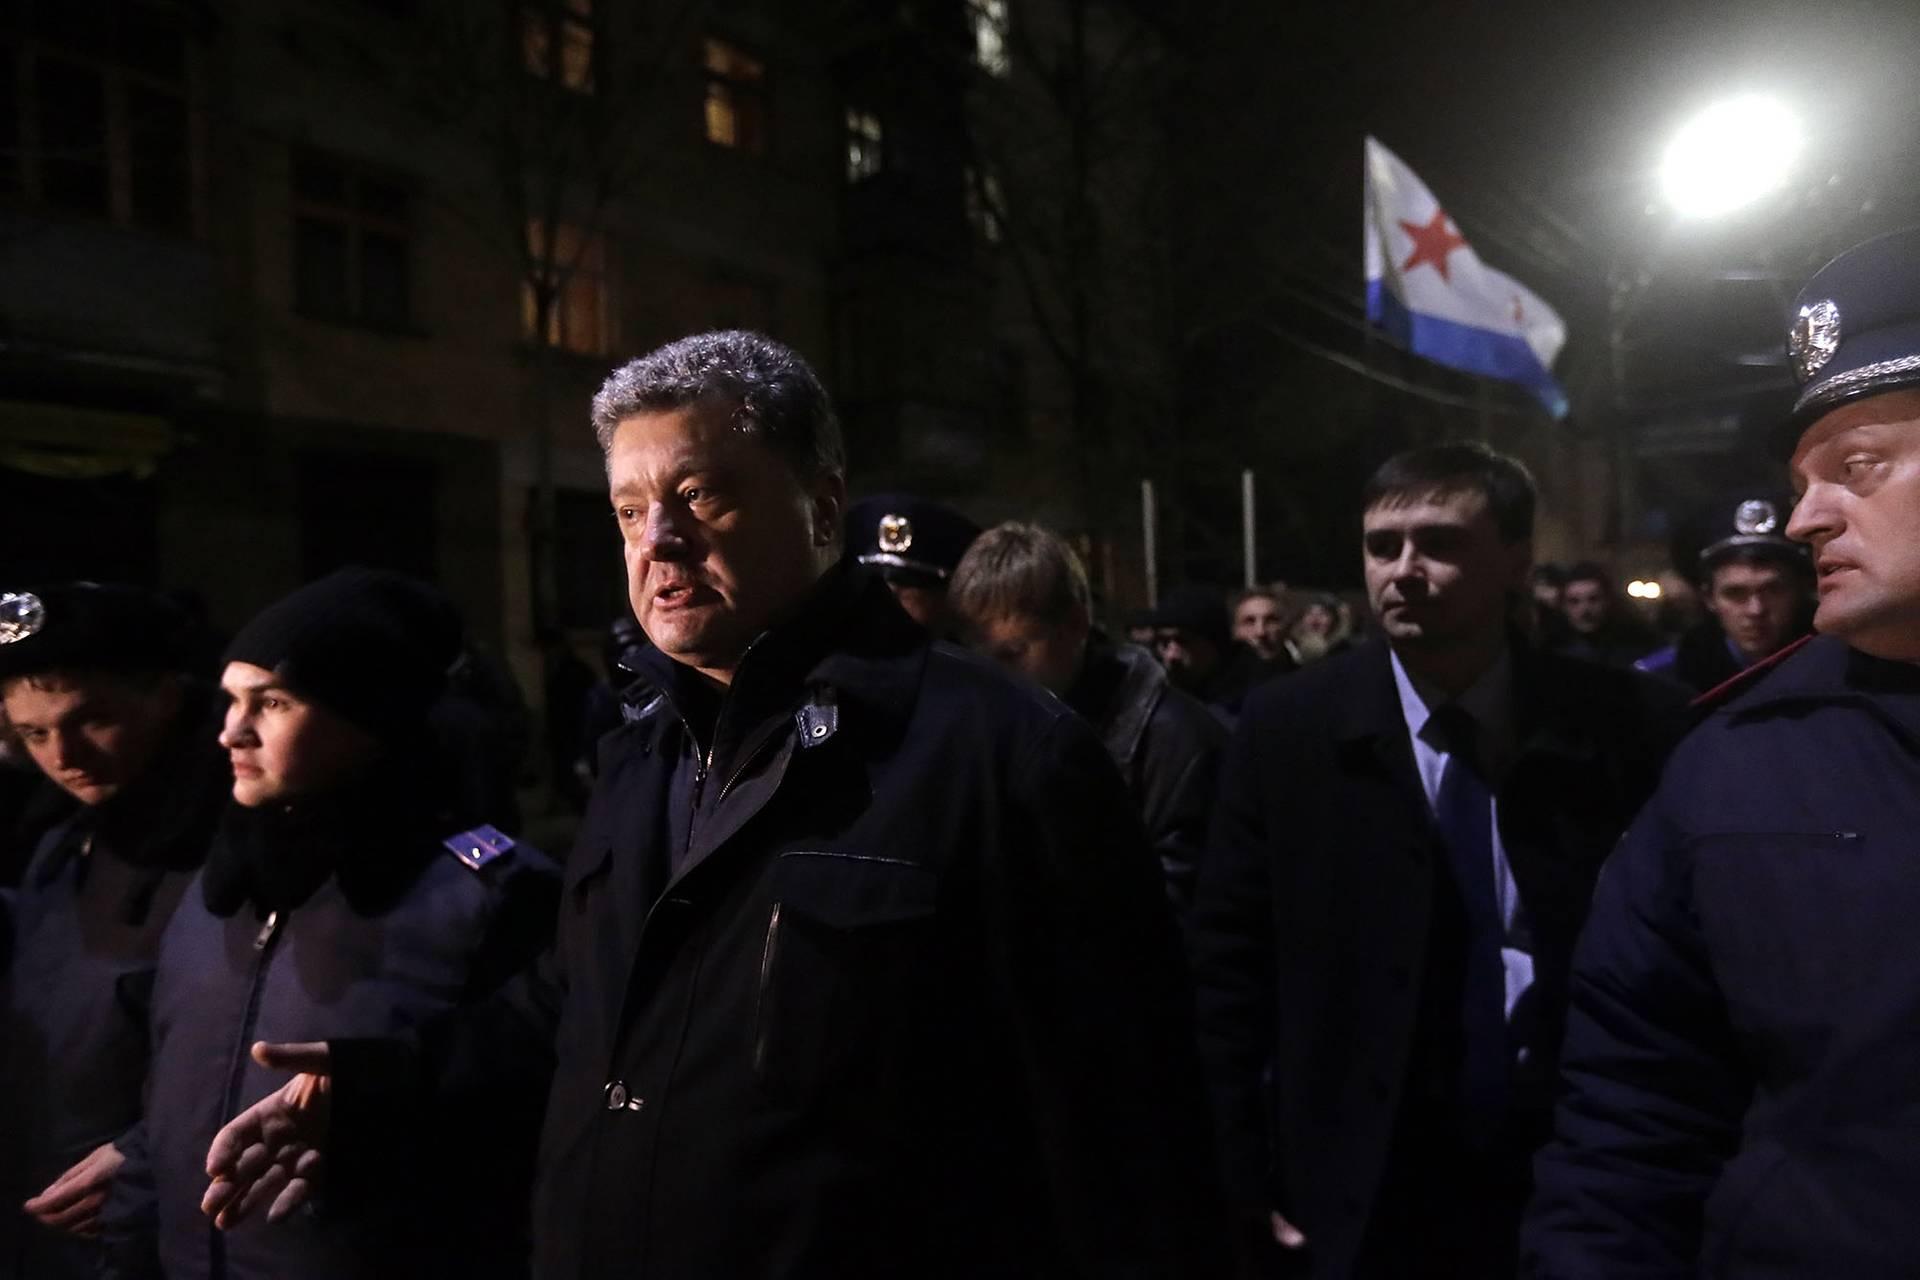 Народний депутат України Петро Порошенко (в центрі) біля будівлі Кримського парламенту у Сімферополі, Крим, 28 лютого 2014 року